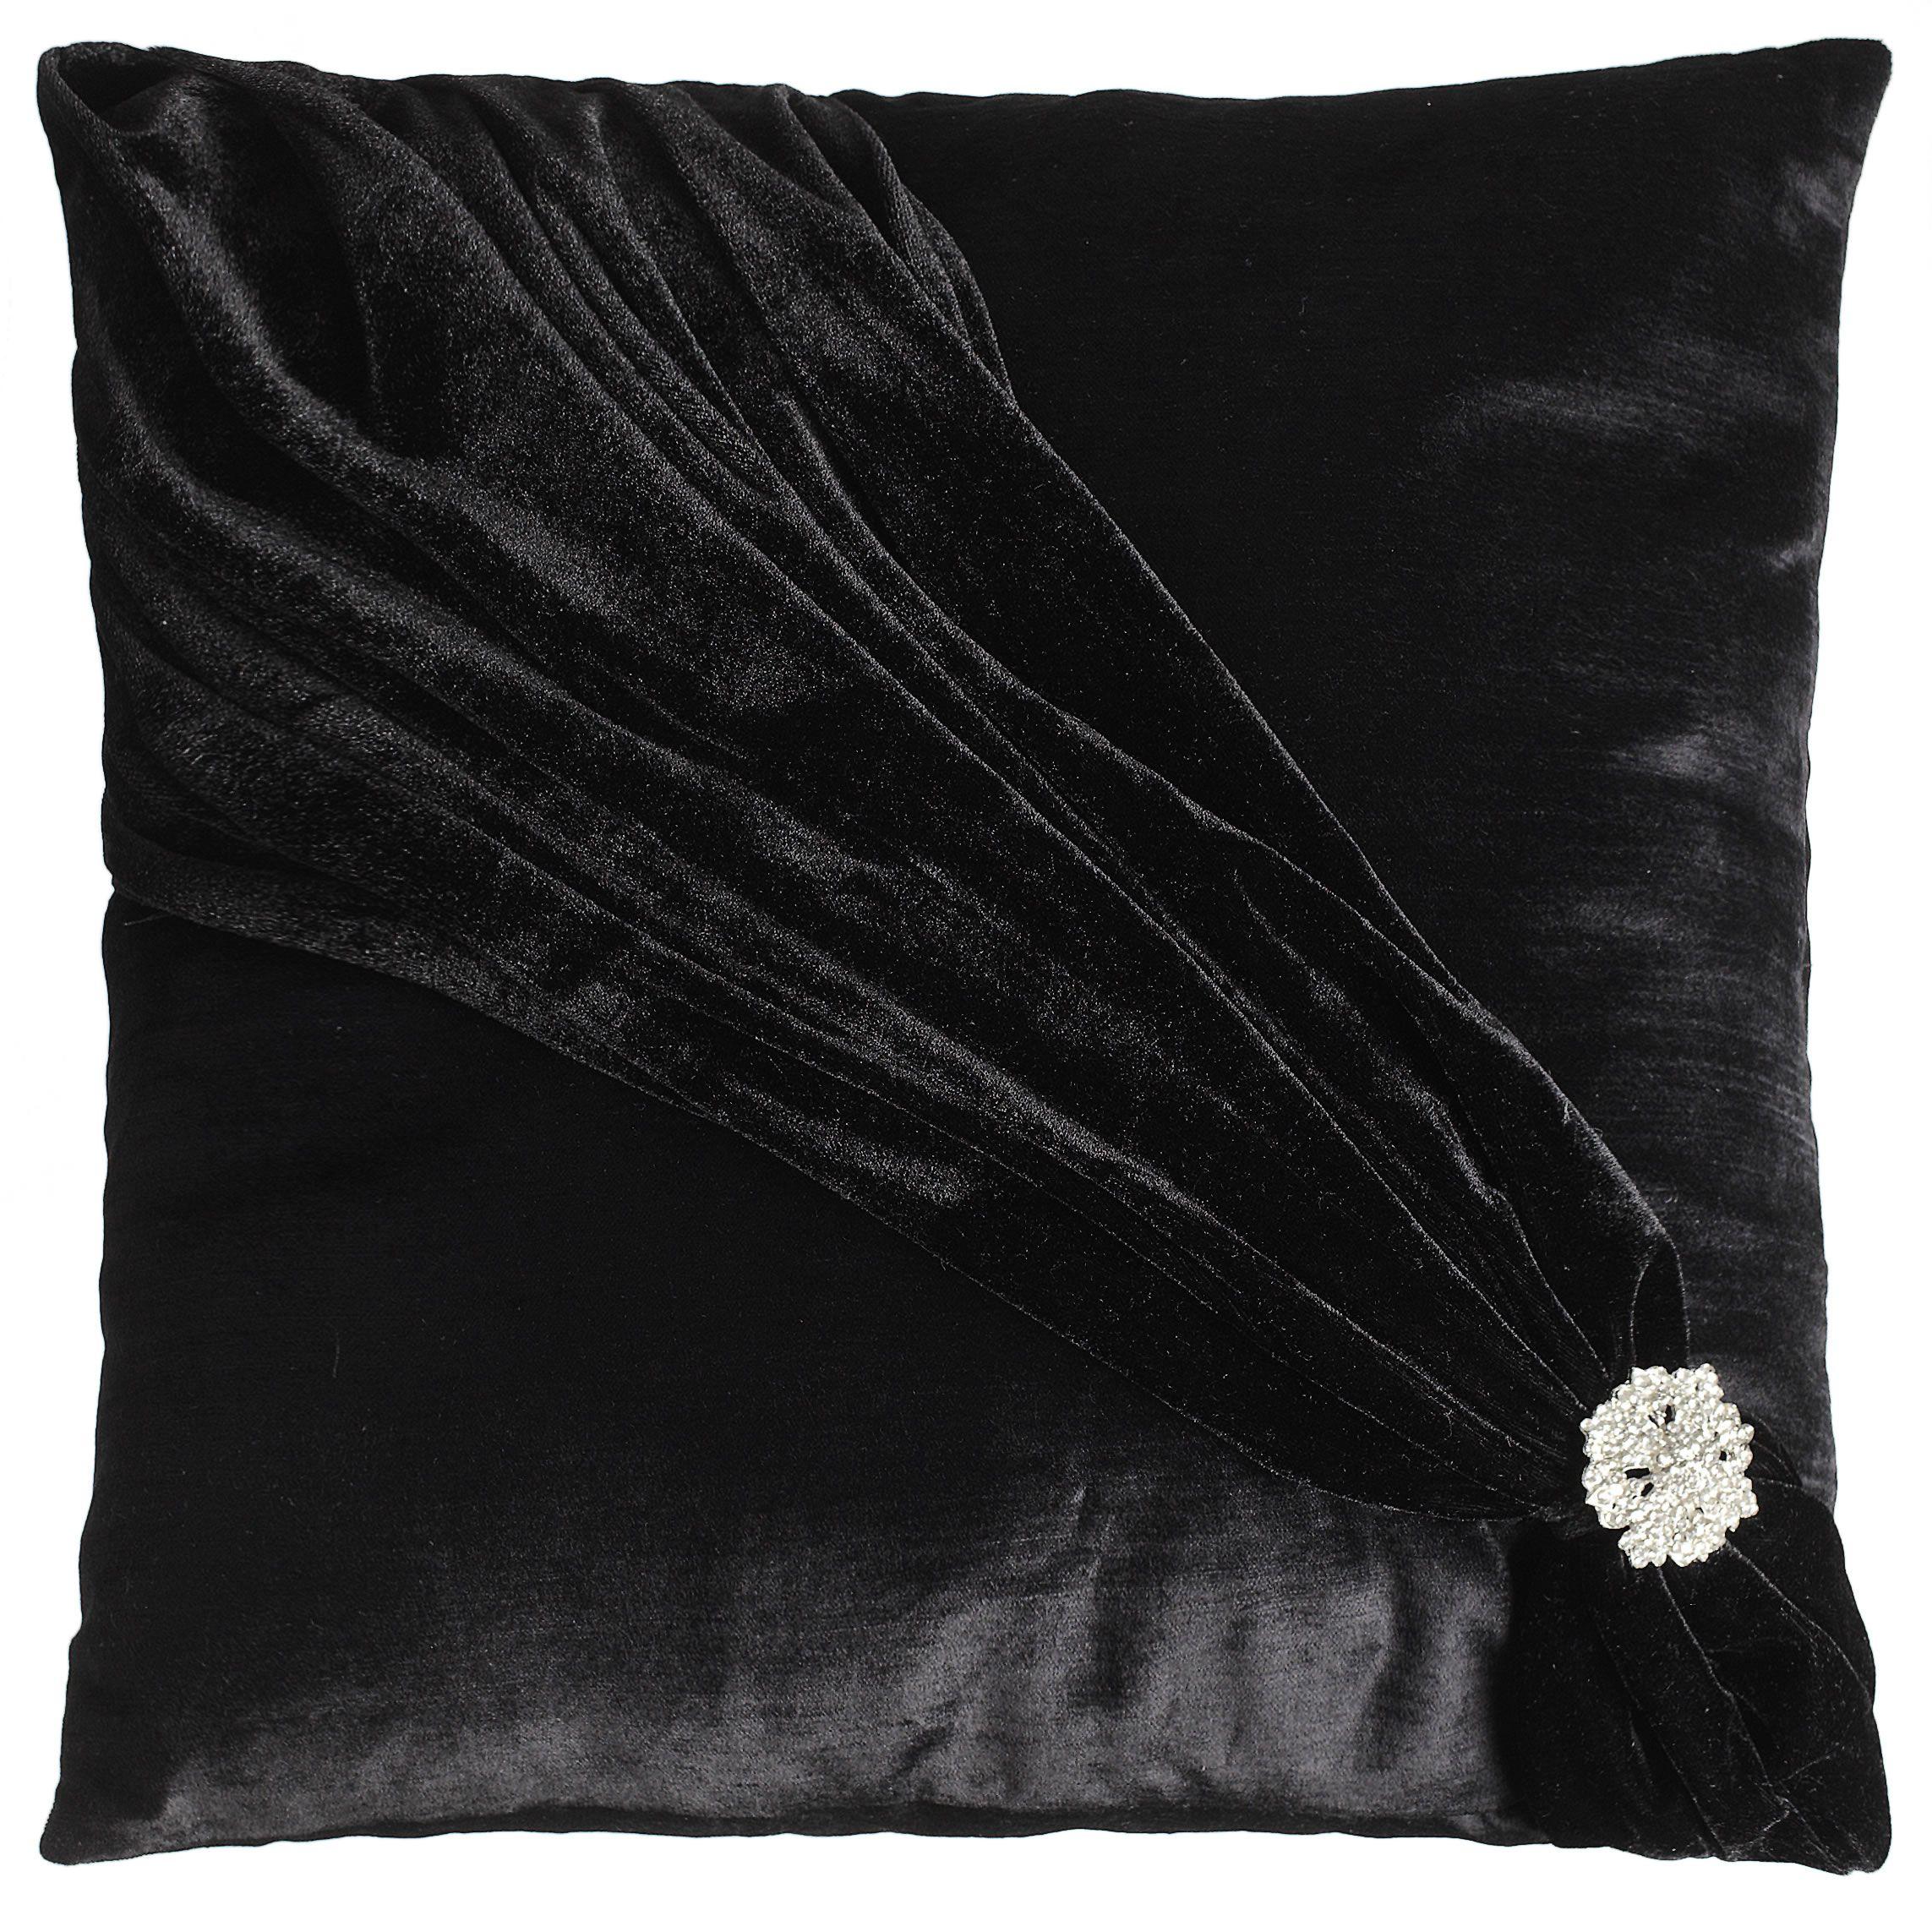 Velvet cushion in jet black storesp